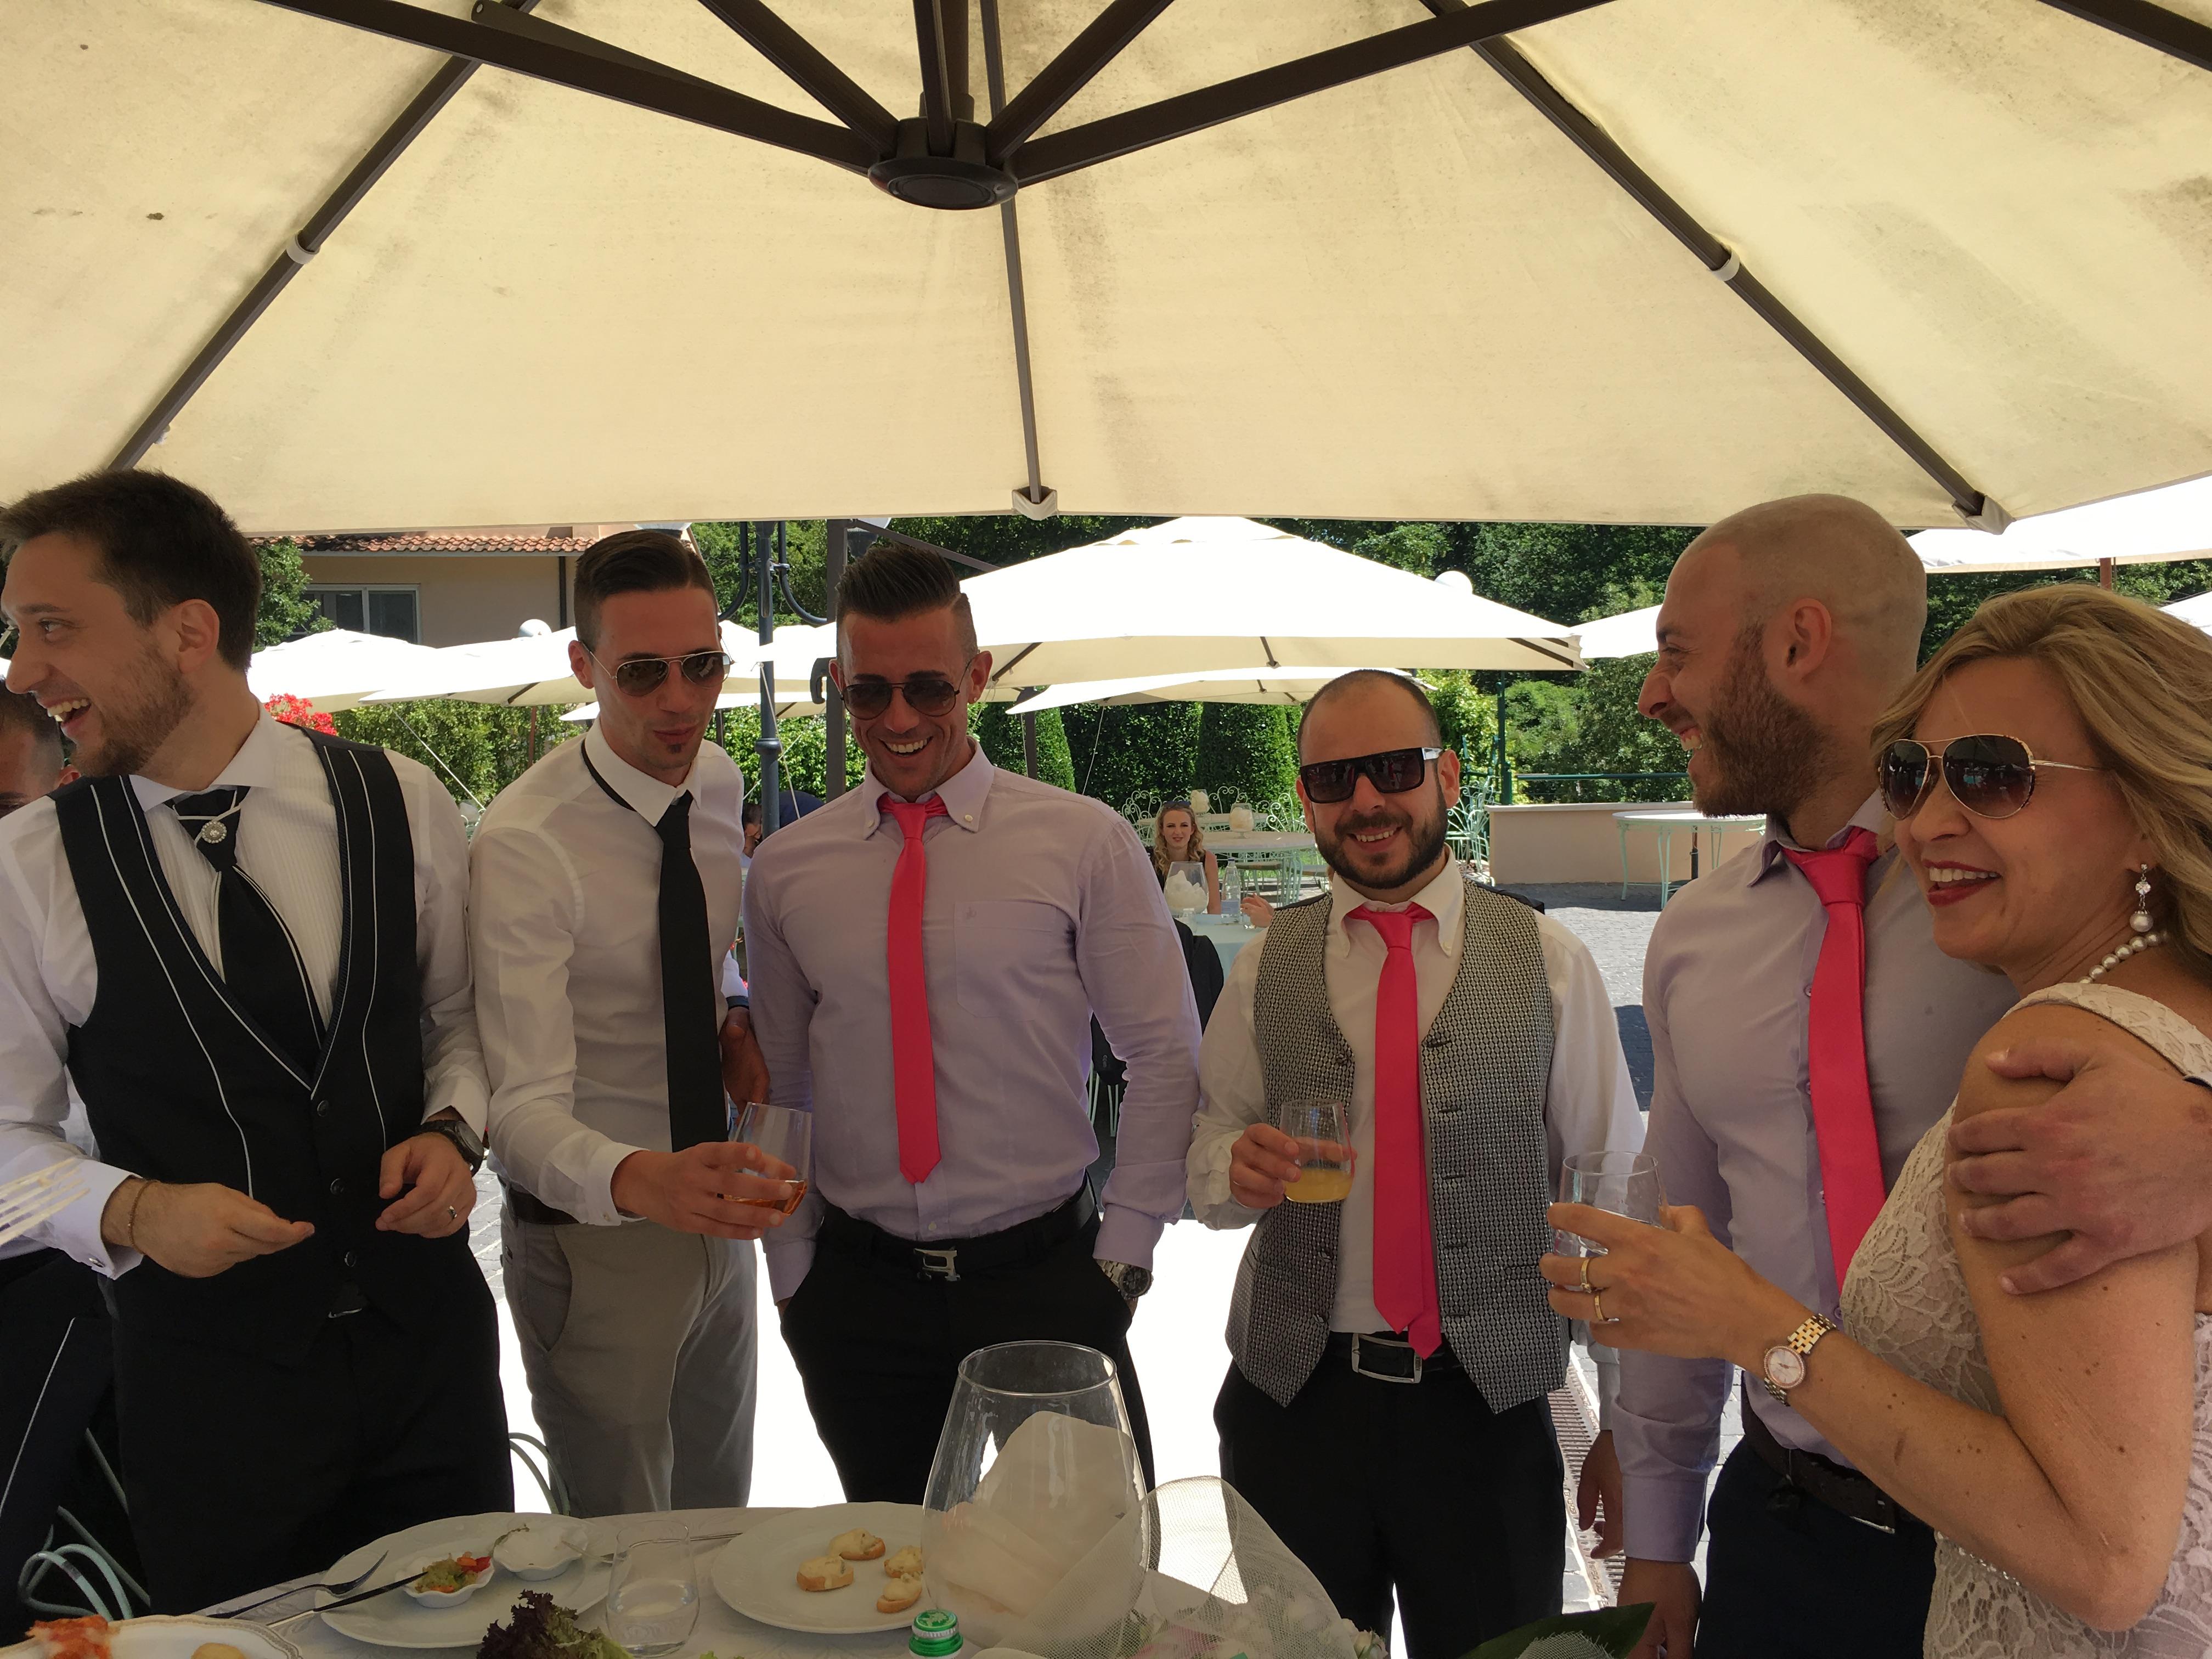 Фото 10 свадьба в Италии на вилле | Кристина и Кристиан | ведущая на итальянском языке - Катрин Моро